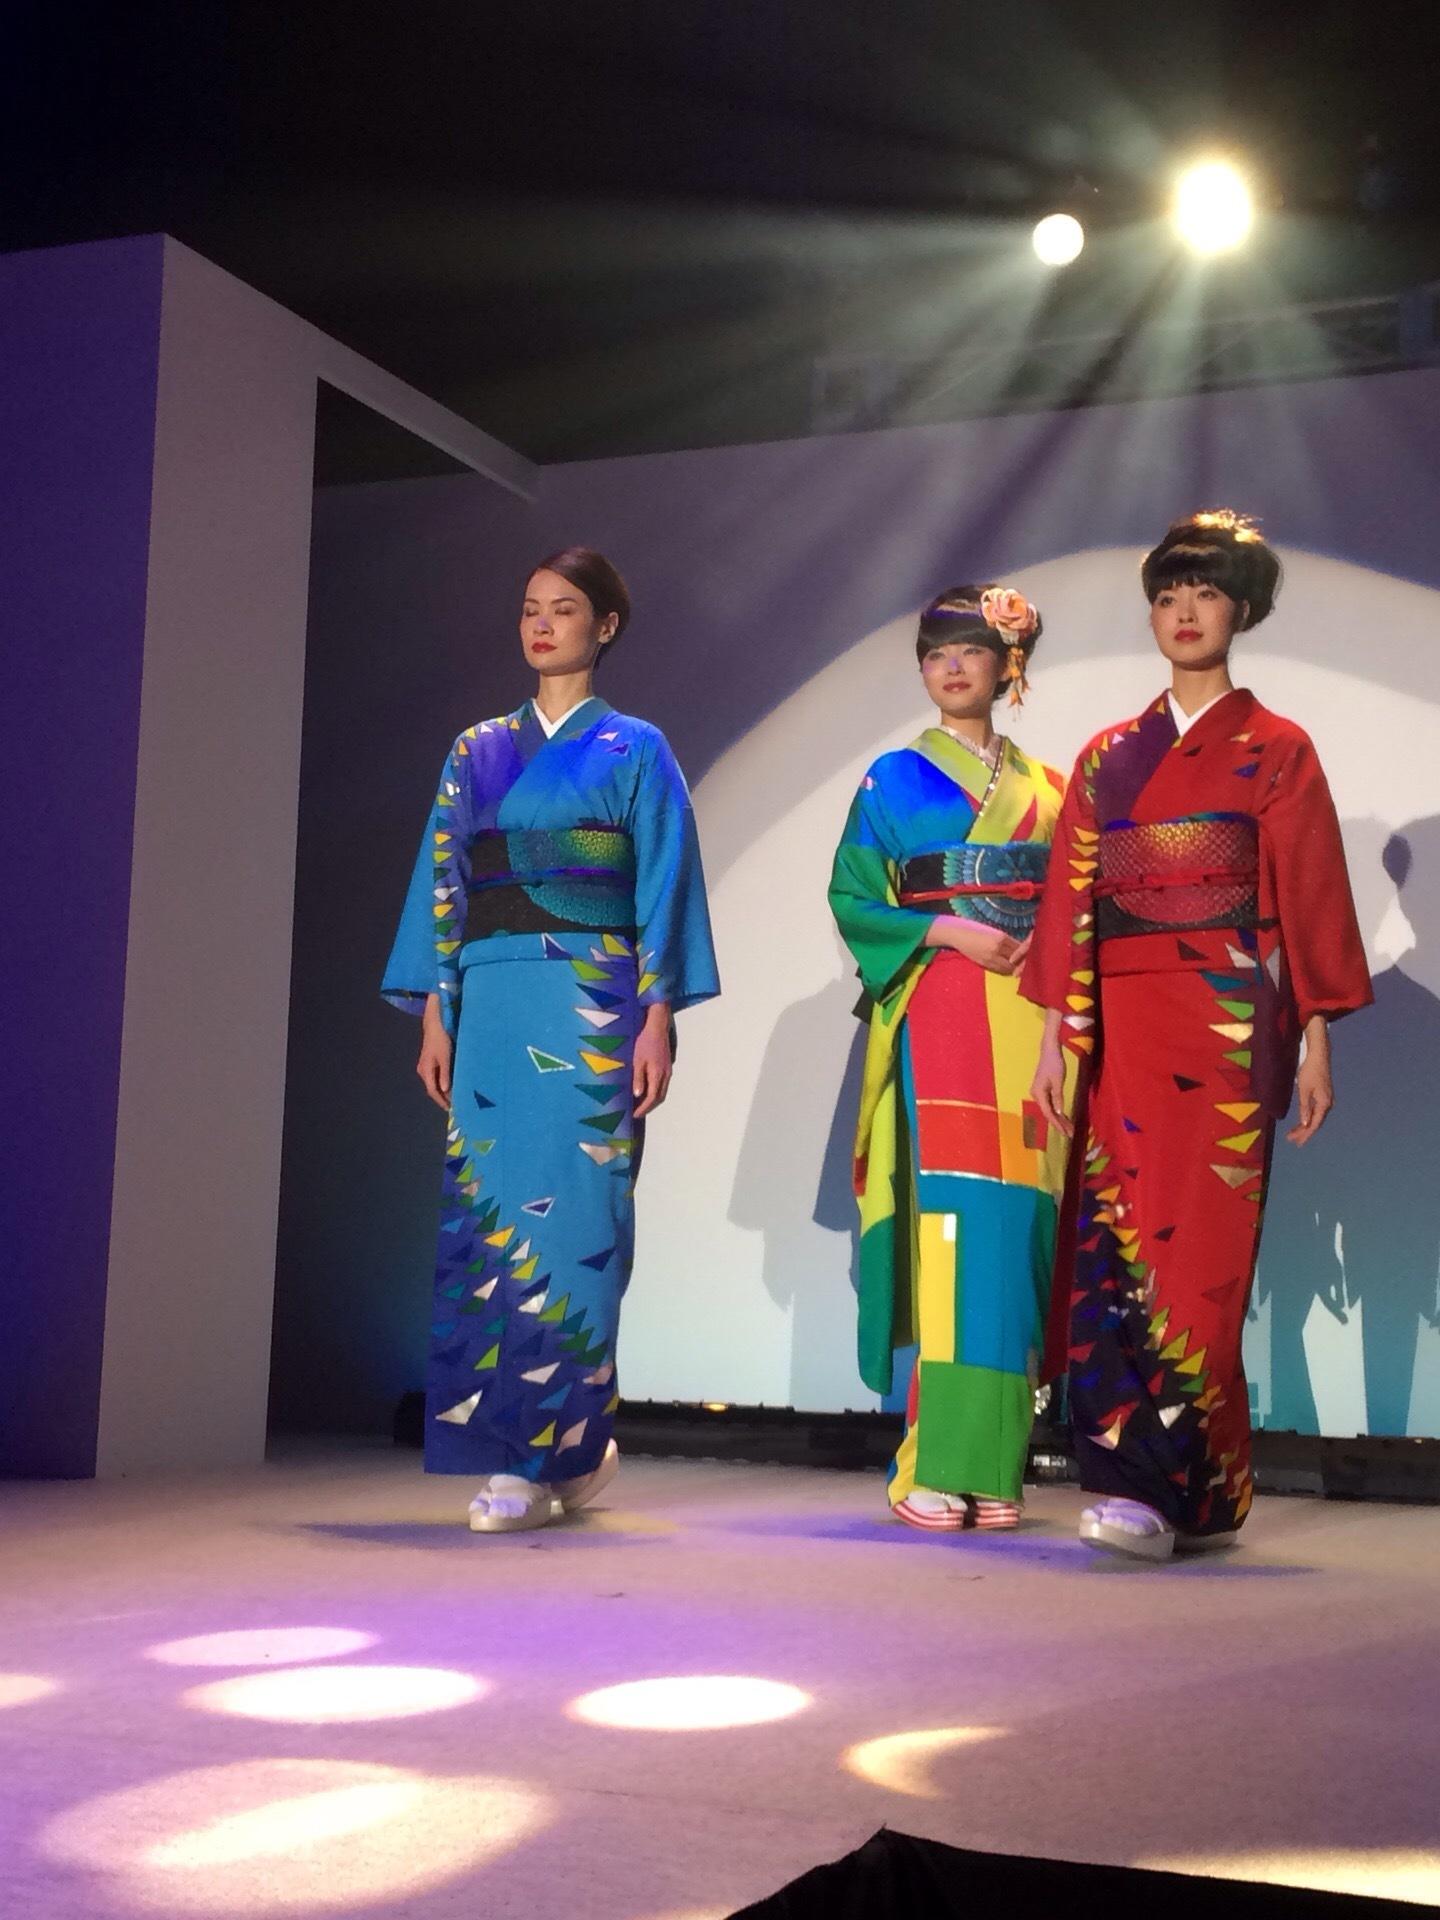 青野先生、東京で初めてのショー開催!_f0140343_10083740.jpg